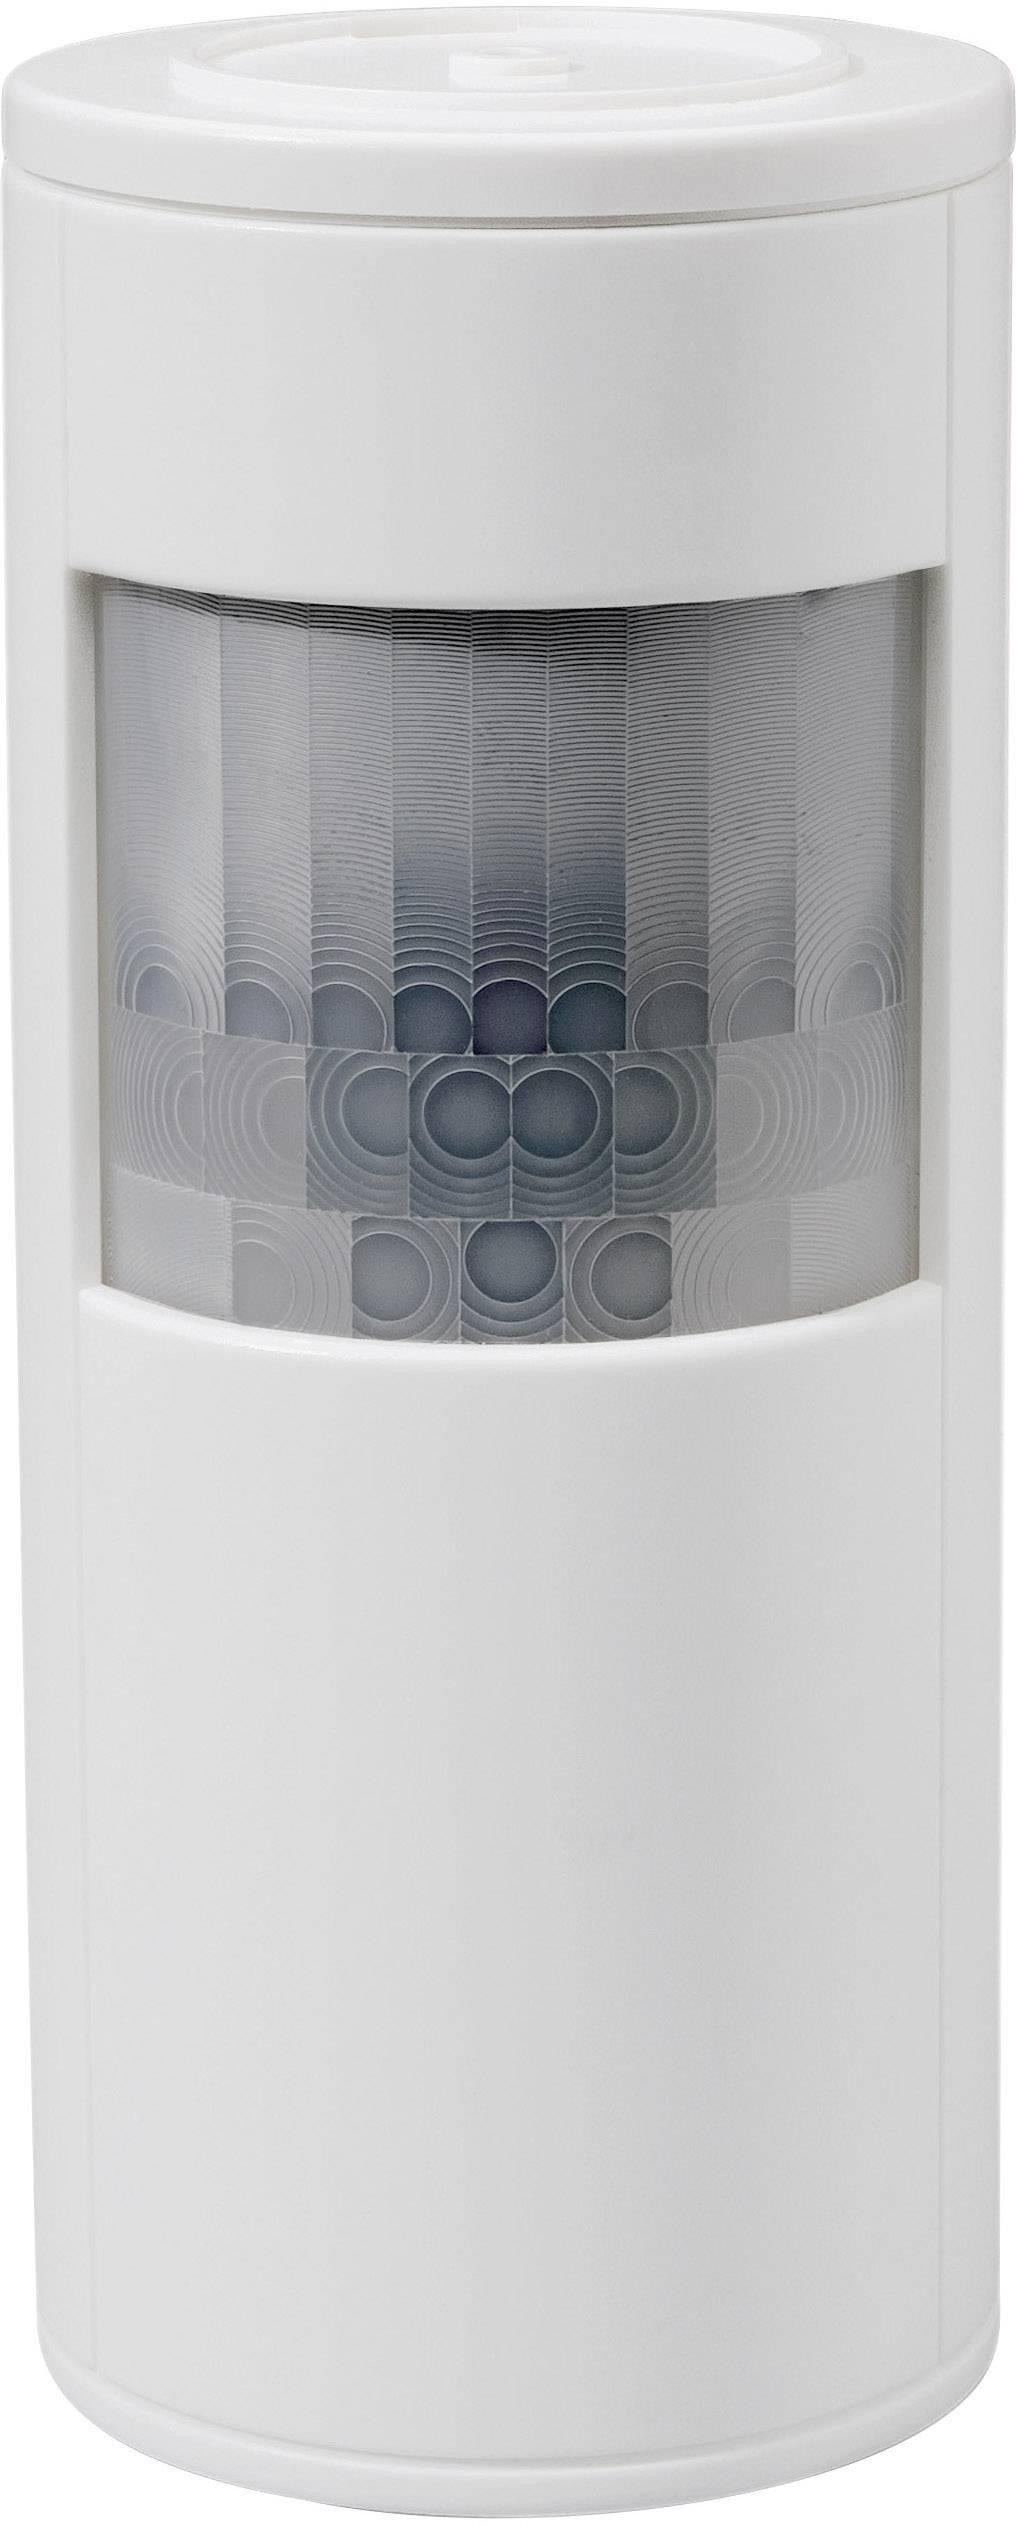 Bezdrôtový detektor pohybu HomeMatic HM-Sec-MDIR-2 131776 max. dosah 300 m